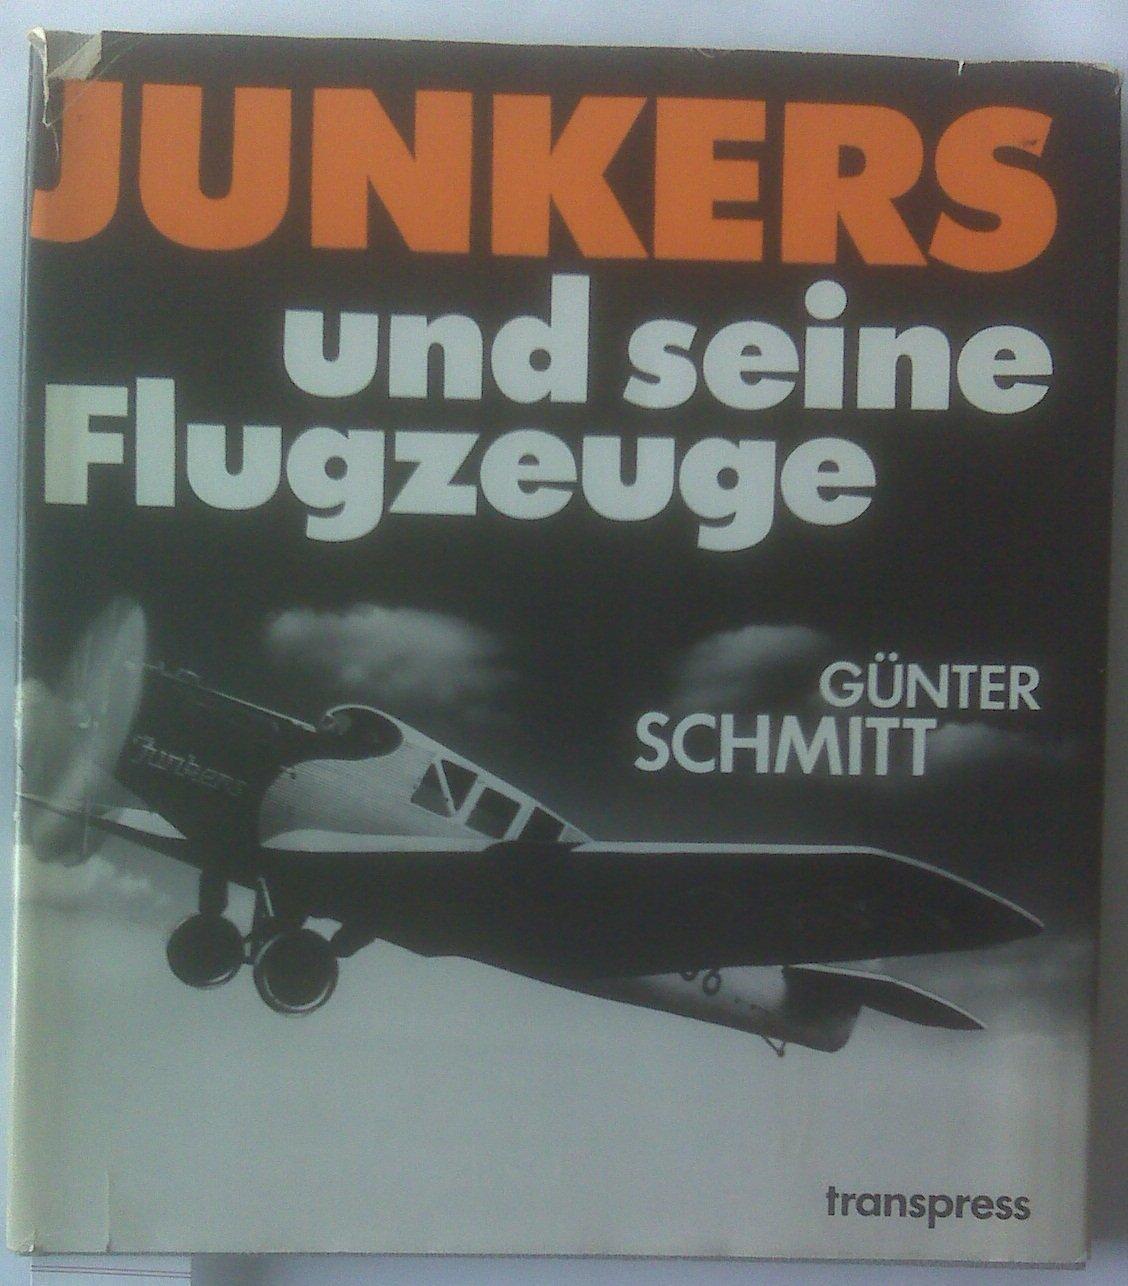 Hugo Junkers und seine Flugzeuge